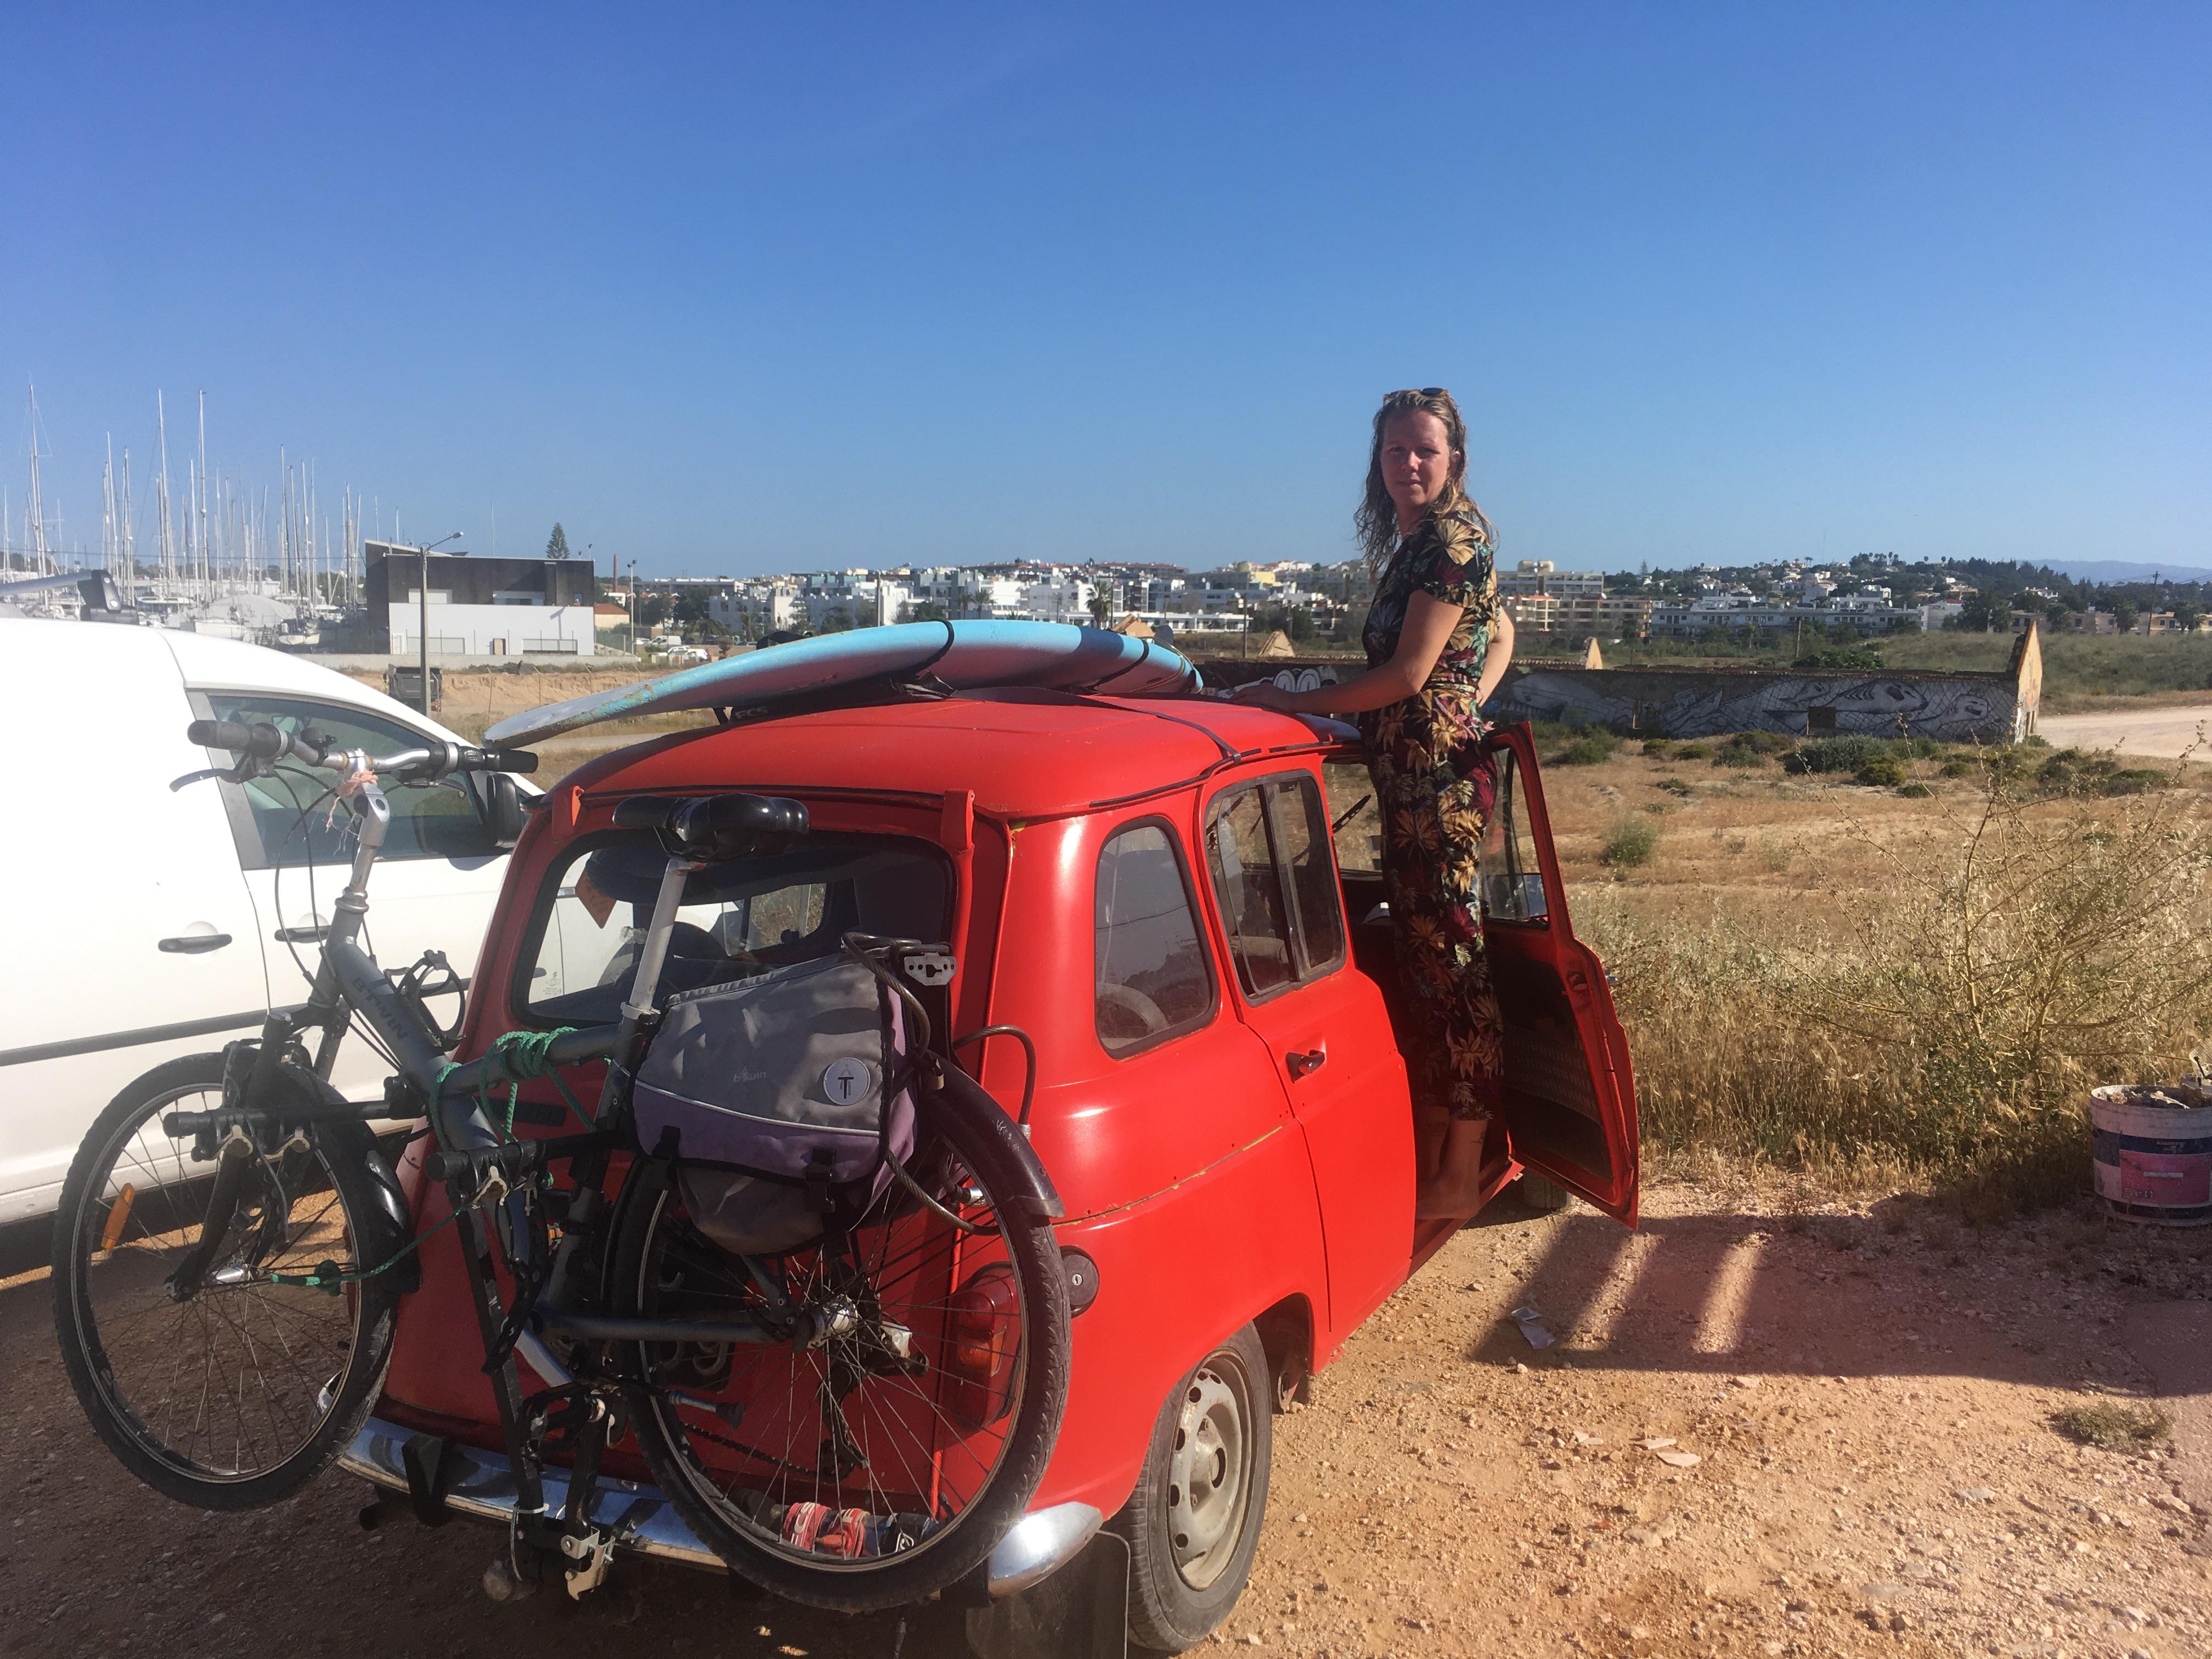 meia praia surf car